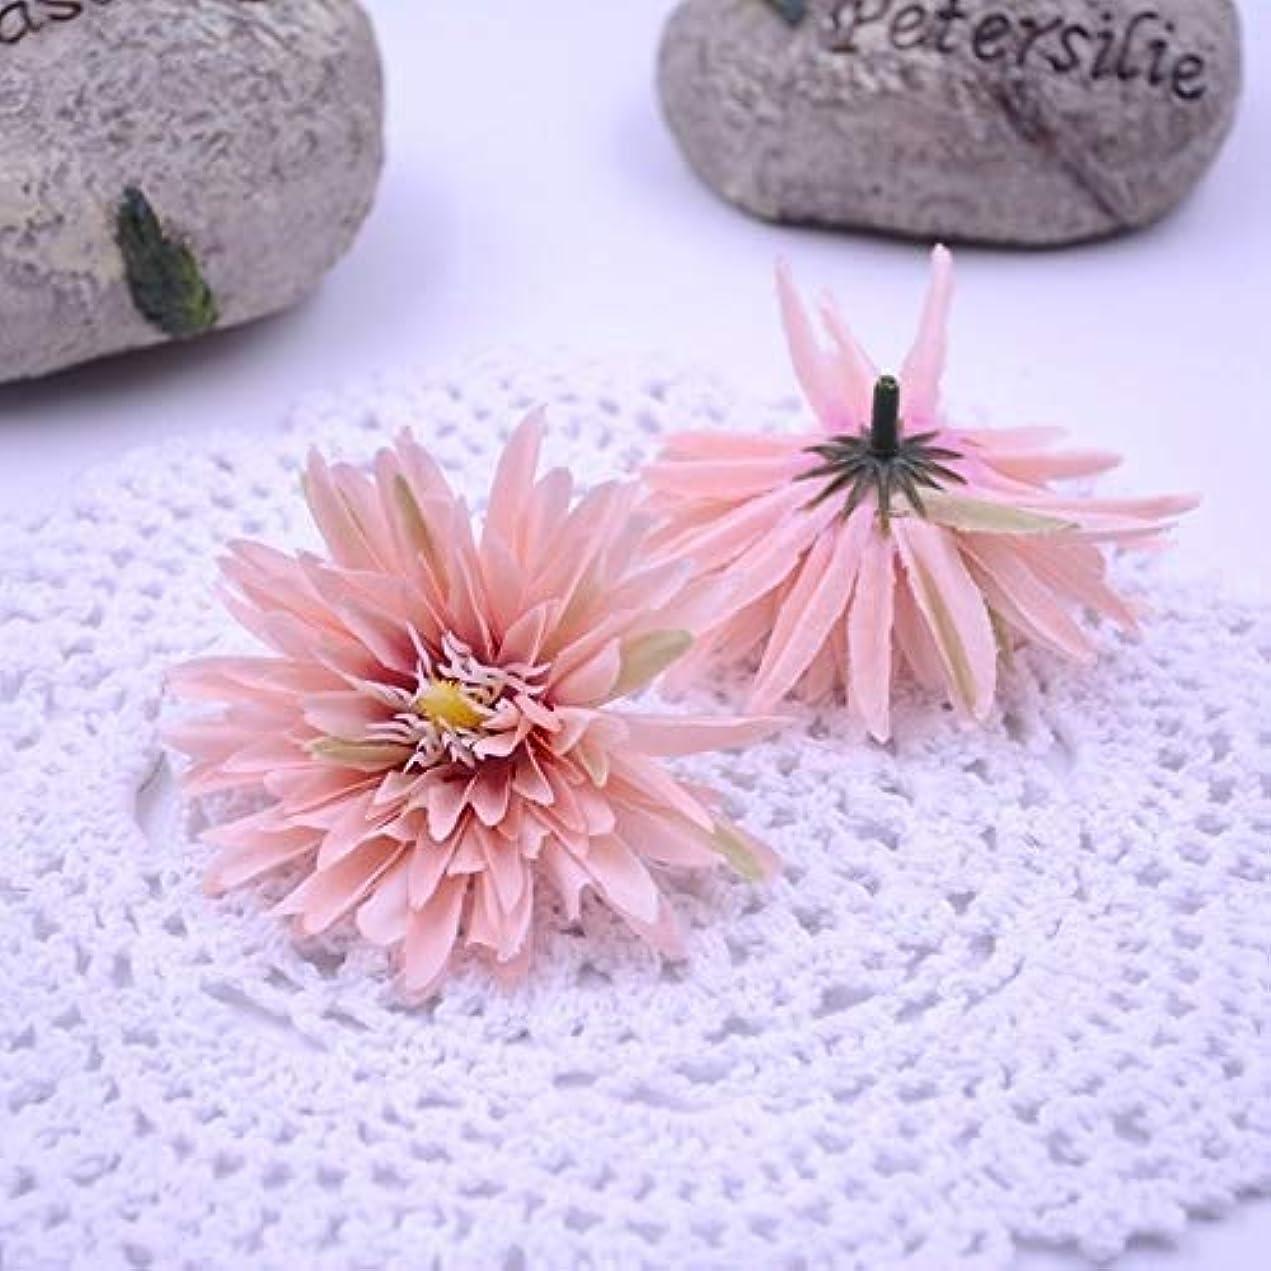 リングチャーミングフィヨルドガーデンFolwers 10 PCSシミュレーション布菊の花の結婚式の家の花瓶の装飾DIYの花輪の花 (色 : ピンク)